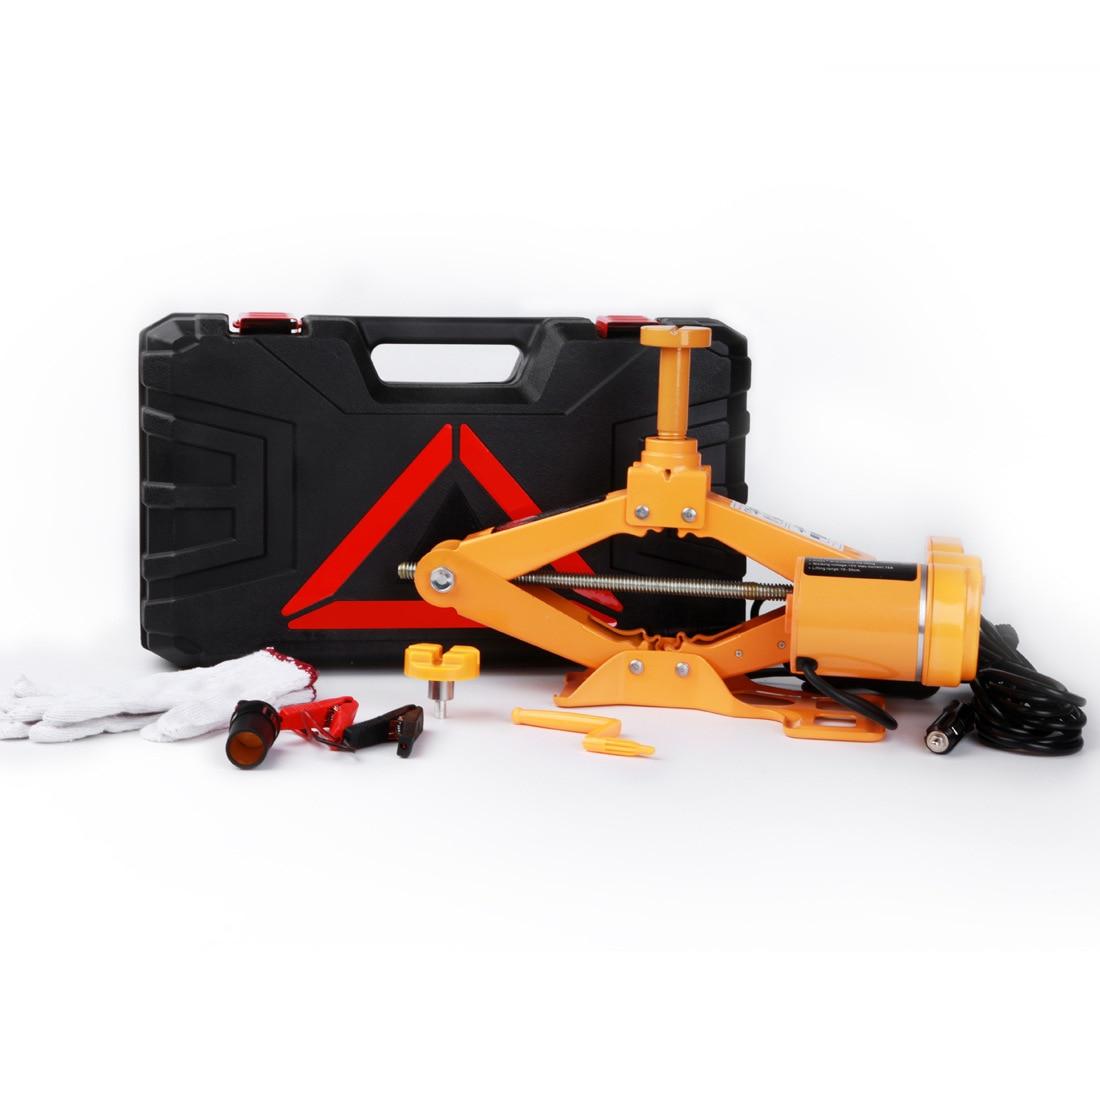 Cric de levage équipement monté sur voiture clé électrique outil outils d'entretien et de réparation Automobile vérin hydraulique électrique